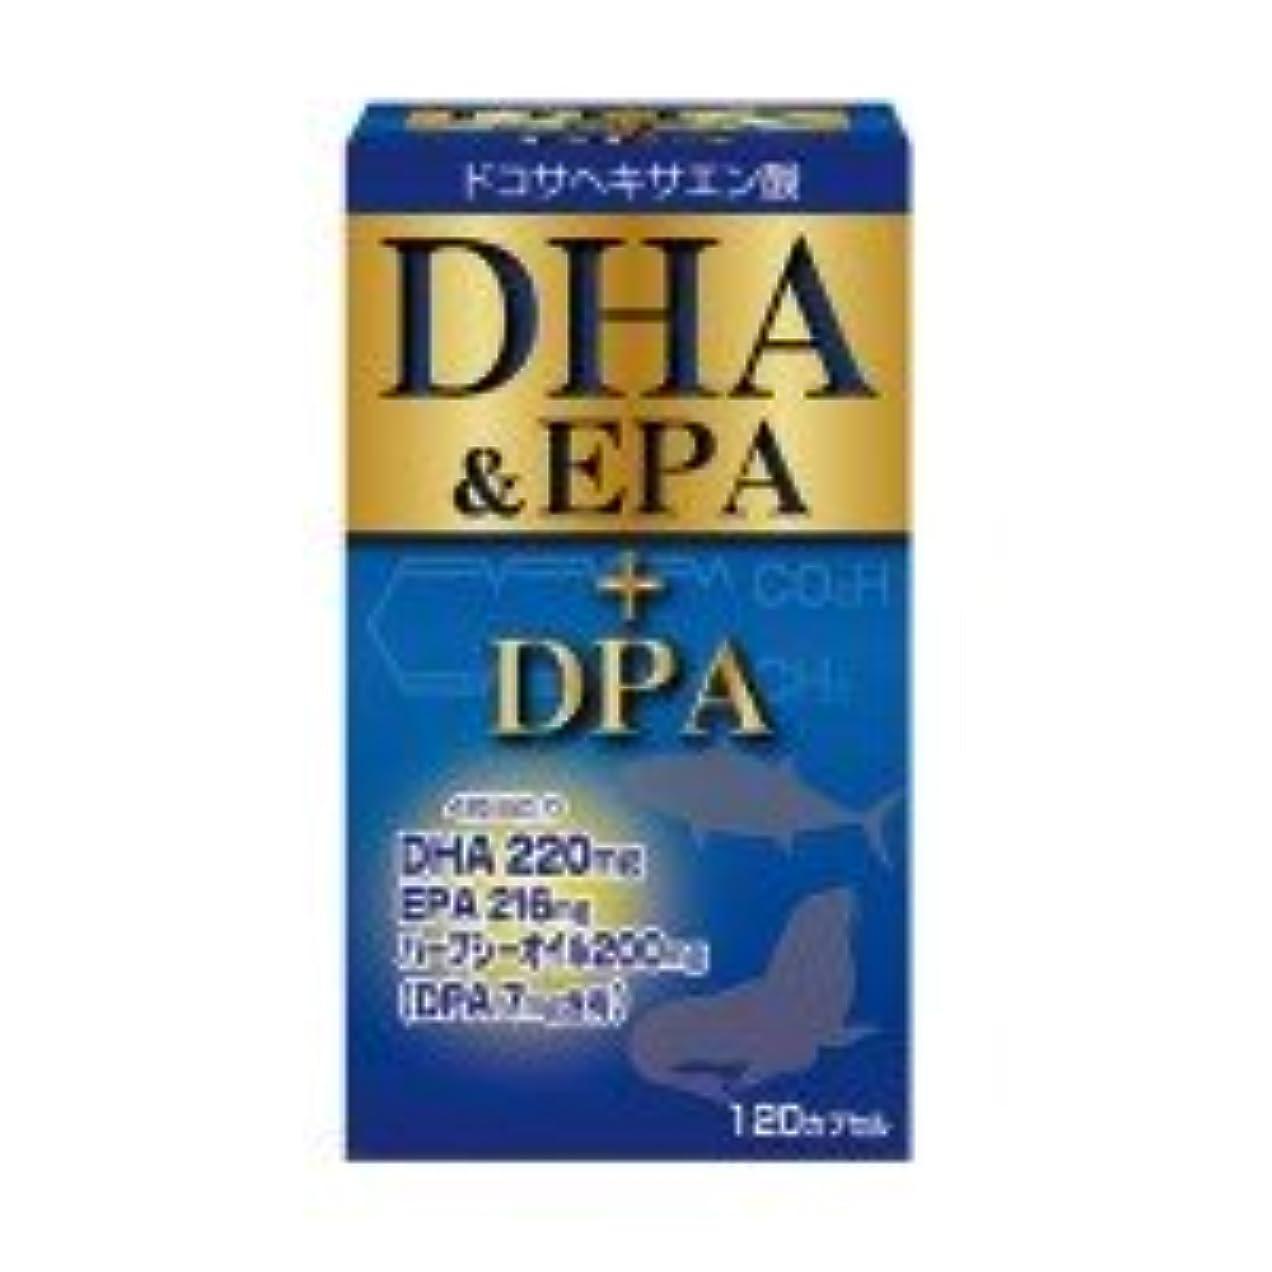 成分サービスクスコユーワ DHA&EPA+DPA 120カプセル (品番:3091)